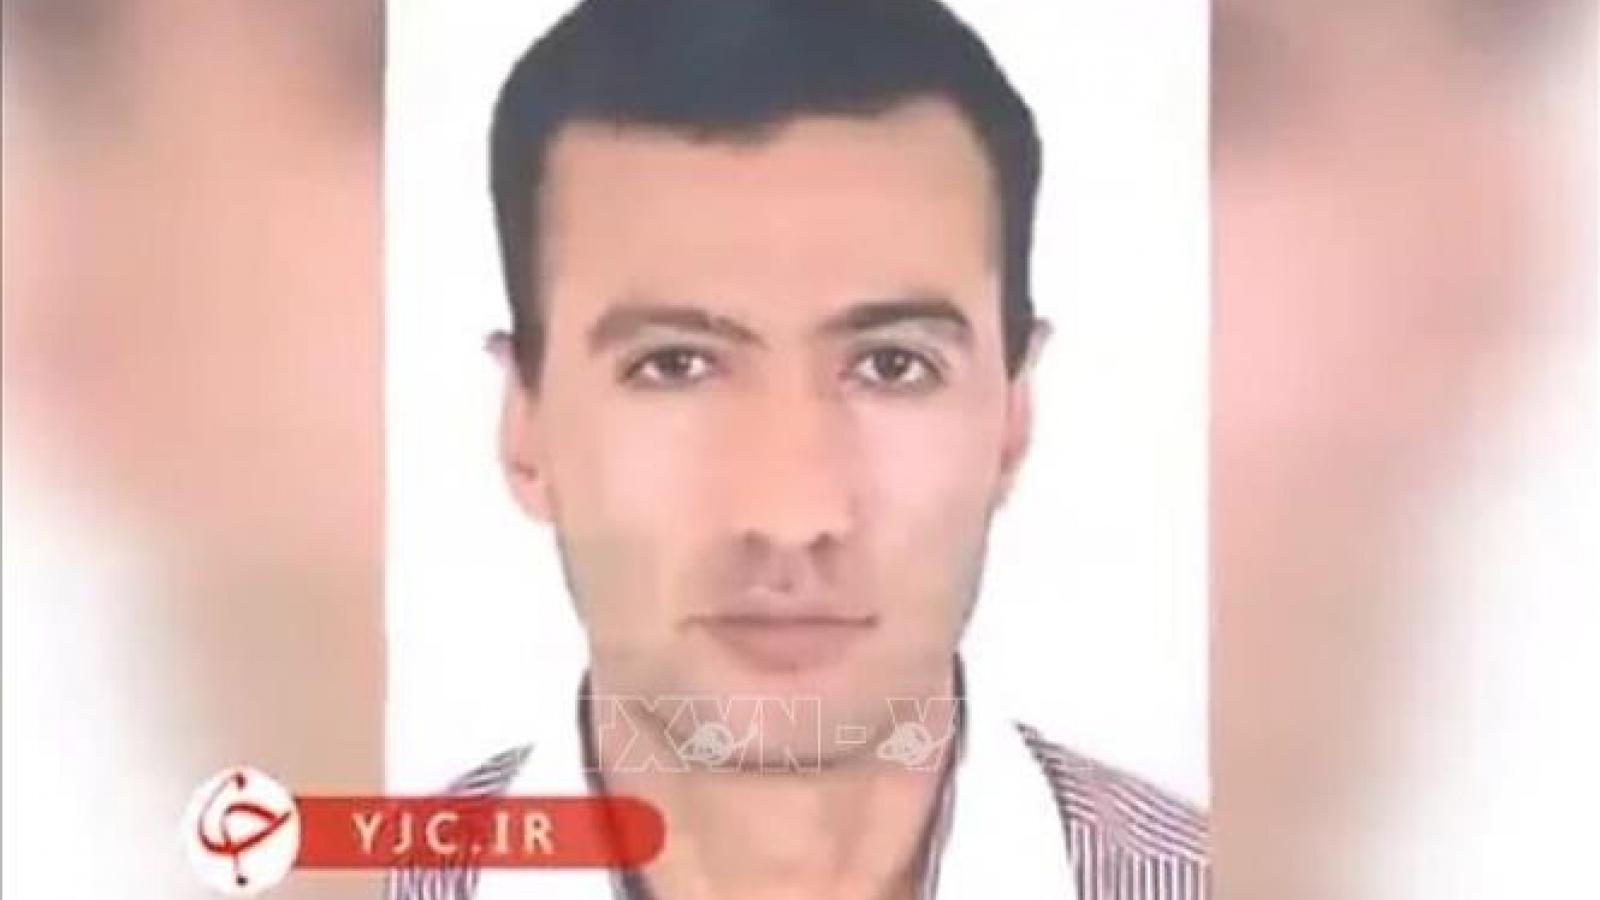 Iran đề nghị Interpol hỗ trợ bắt giữ nghi phạm vụ phá hoại Natanz